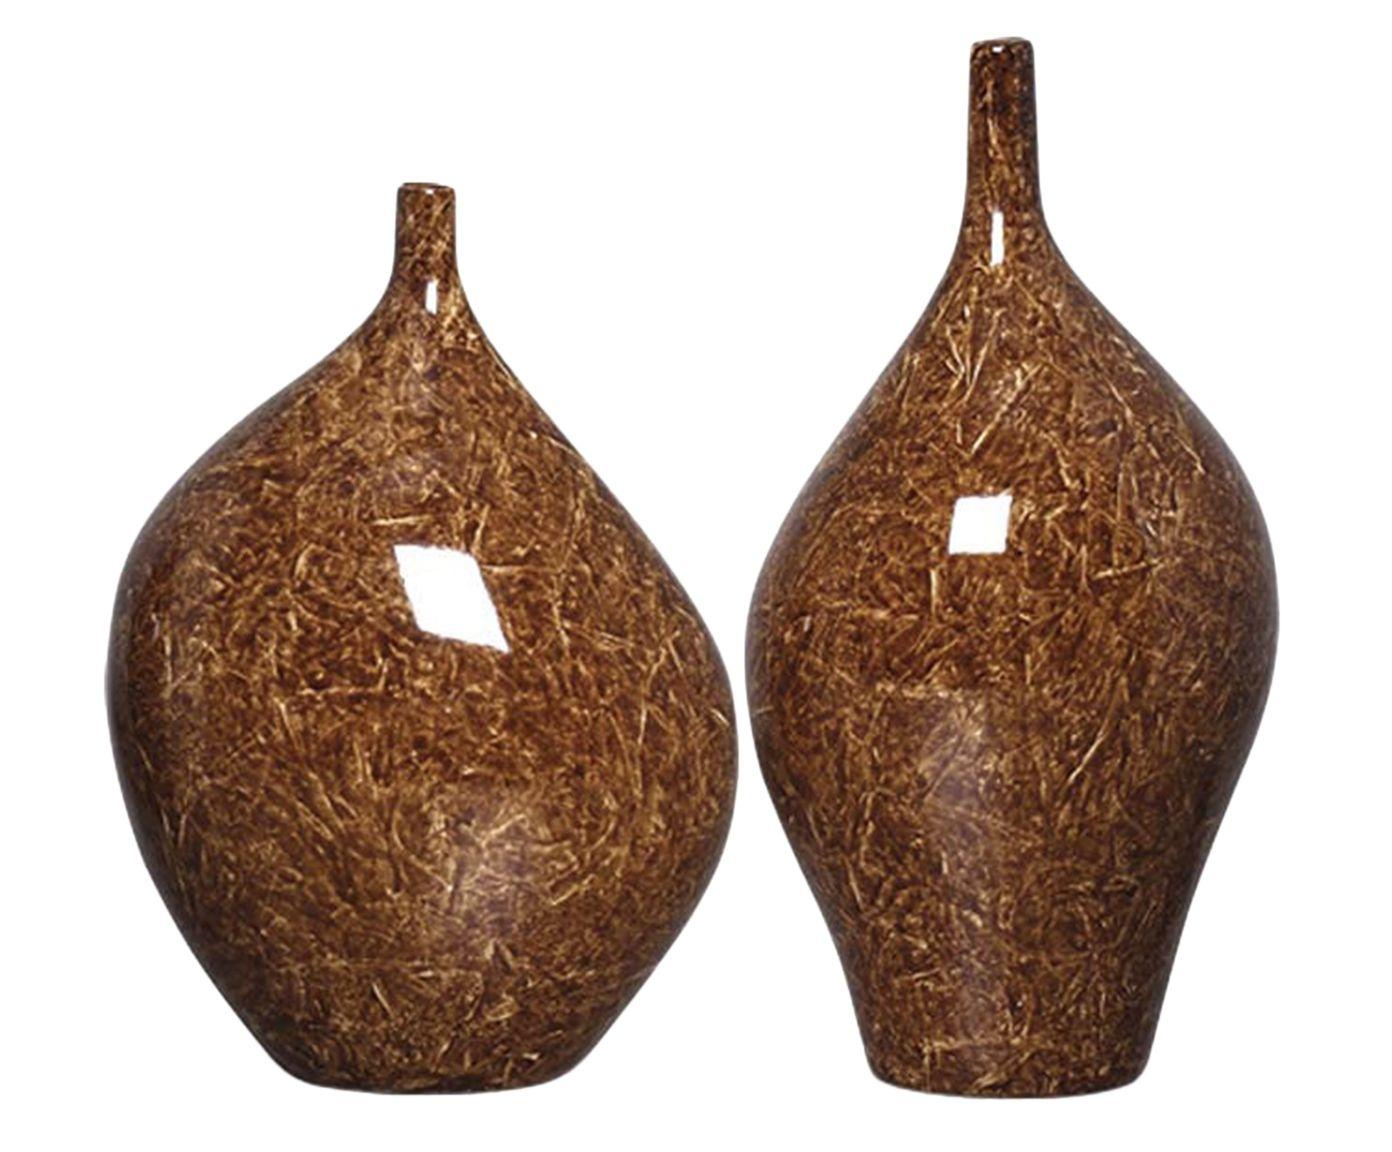 Jogo de Garrafas Decorativas Munique Marrom | Westwing.com.br